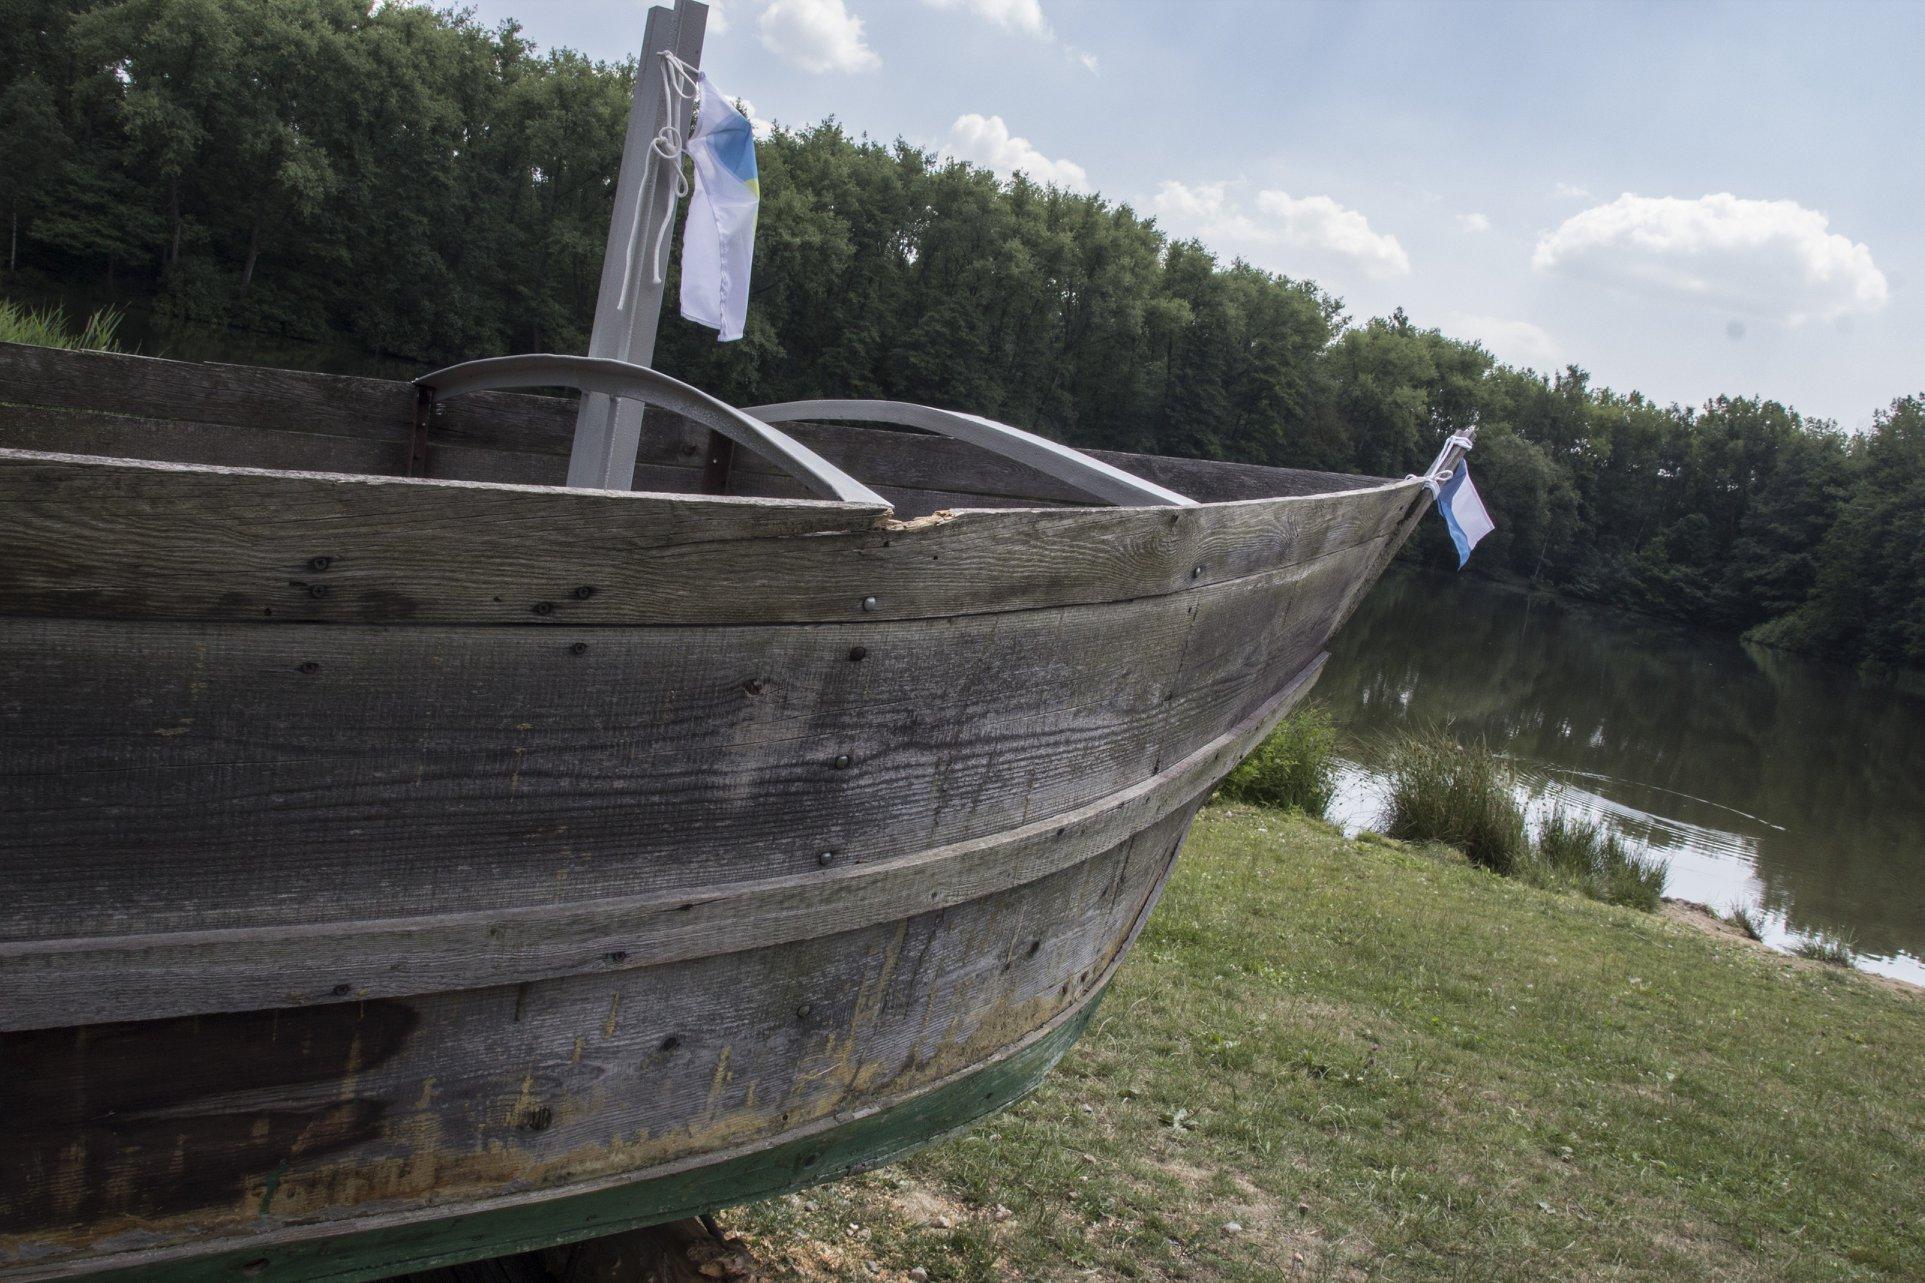 Dostavba šalupy v Novém Záluží